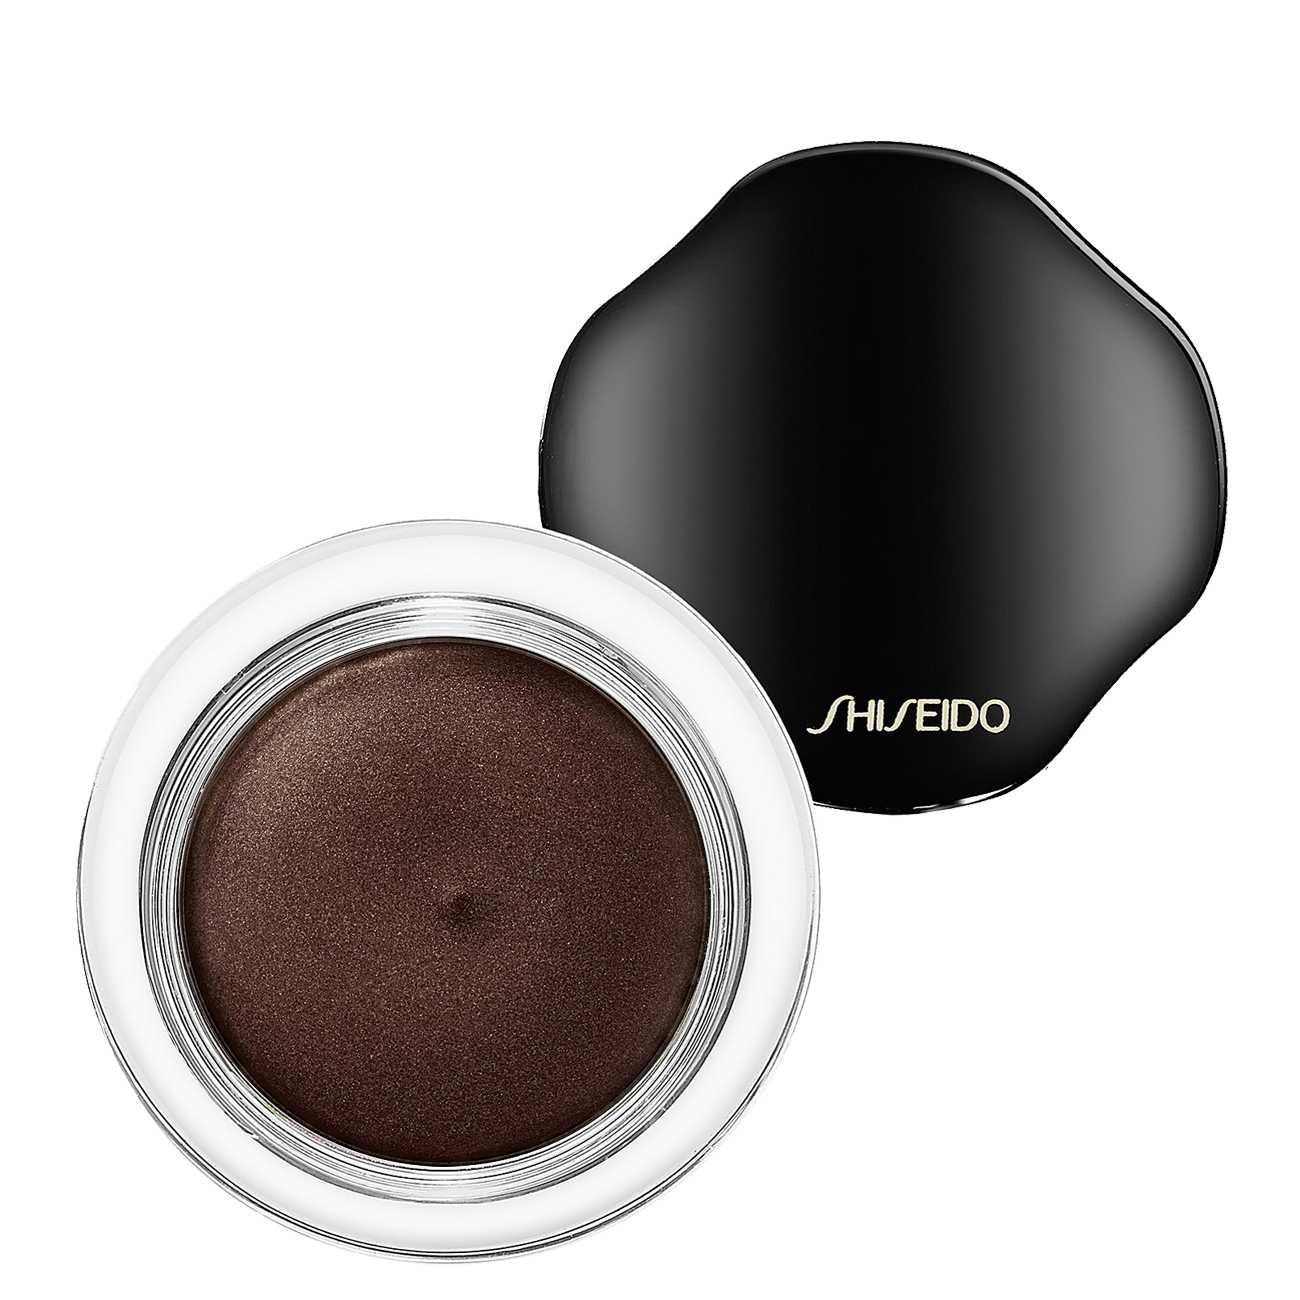 Shimmering Cream Eye Color 6 G Shoyu Br 623 Shiseido imagine 2021 bestvalue.eu